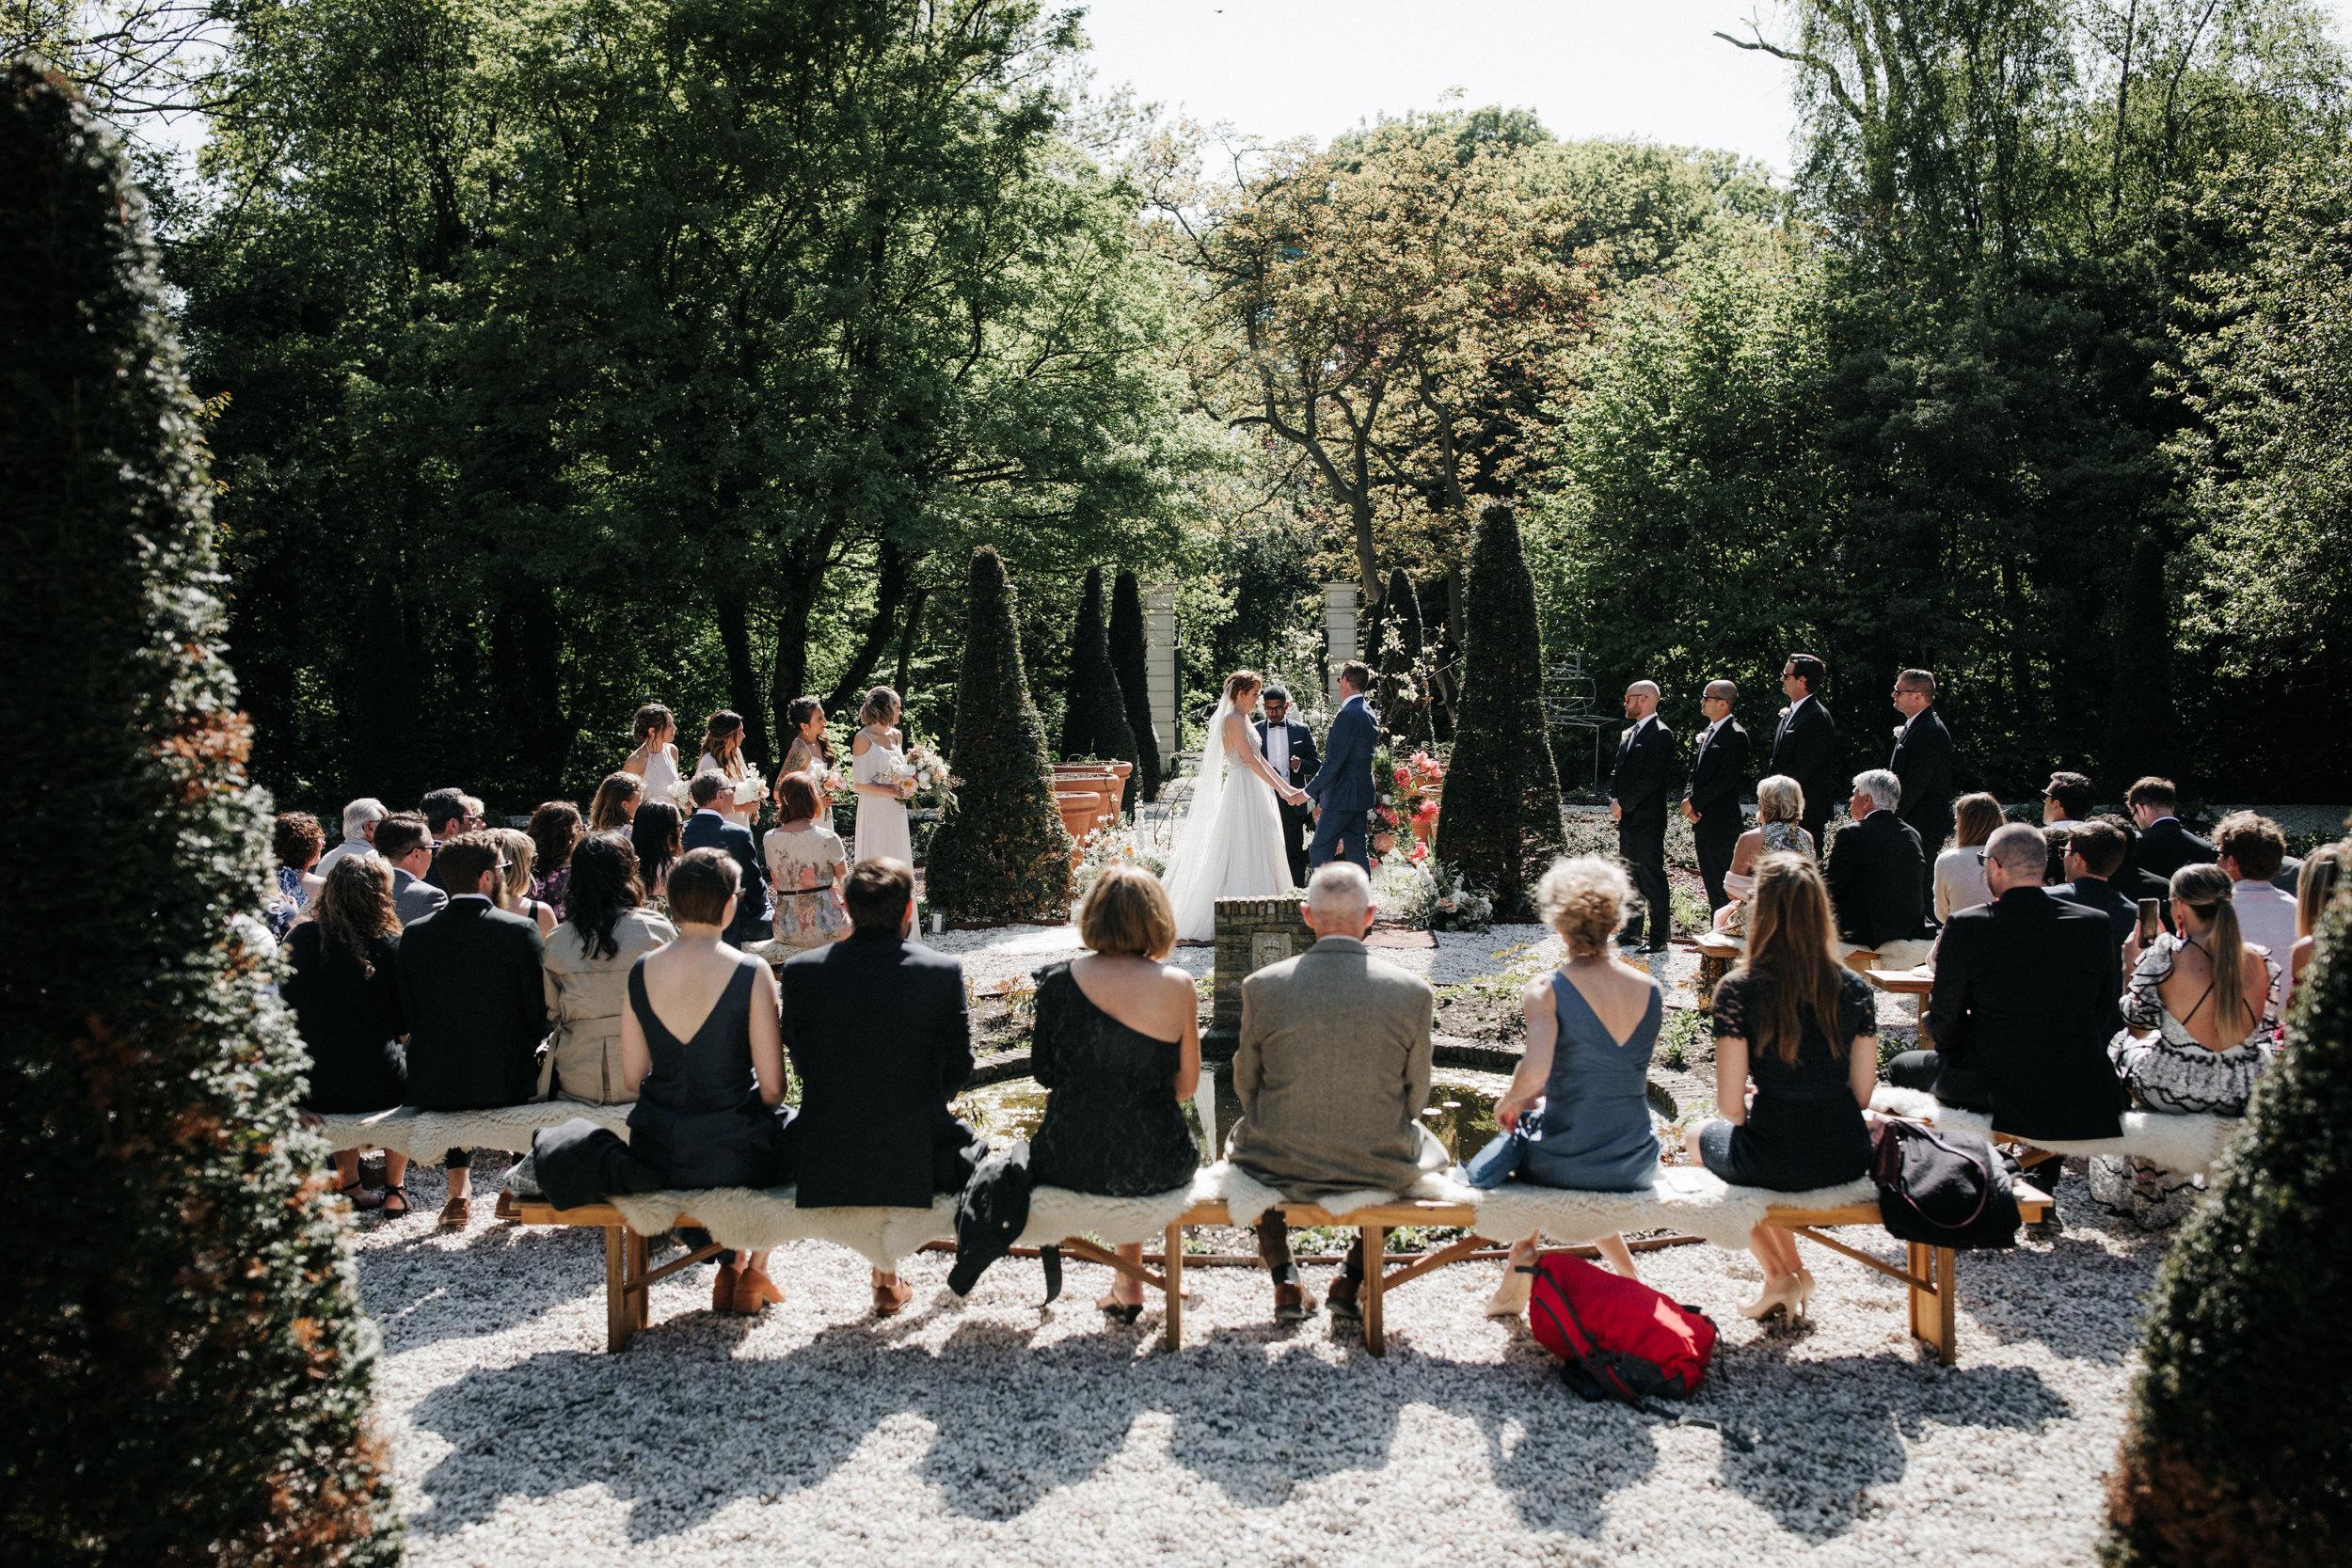 #apbloem #florist #kerkstraat #amsterdam #flowers #bloemen #bloemist #flowers #bouquet #boeket #arrangement #photoshoot #peony #bruiloft #trouwen #bloemenbezorgen #wedding #love #liefde #event #evenement #garden #tuin #bridalgown #blackandwhite #bruidsjurk #justmarried #bridalcouple #weddingflowers #weddingphotography #weddinginspiration #pastel #ceremony #ceremonie